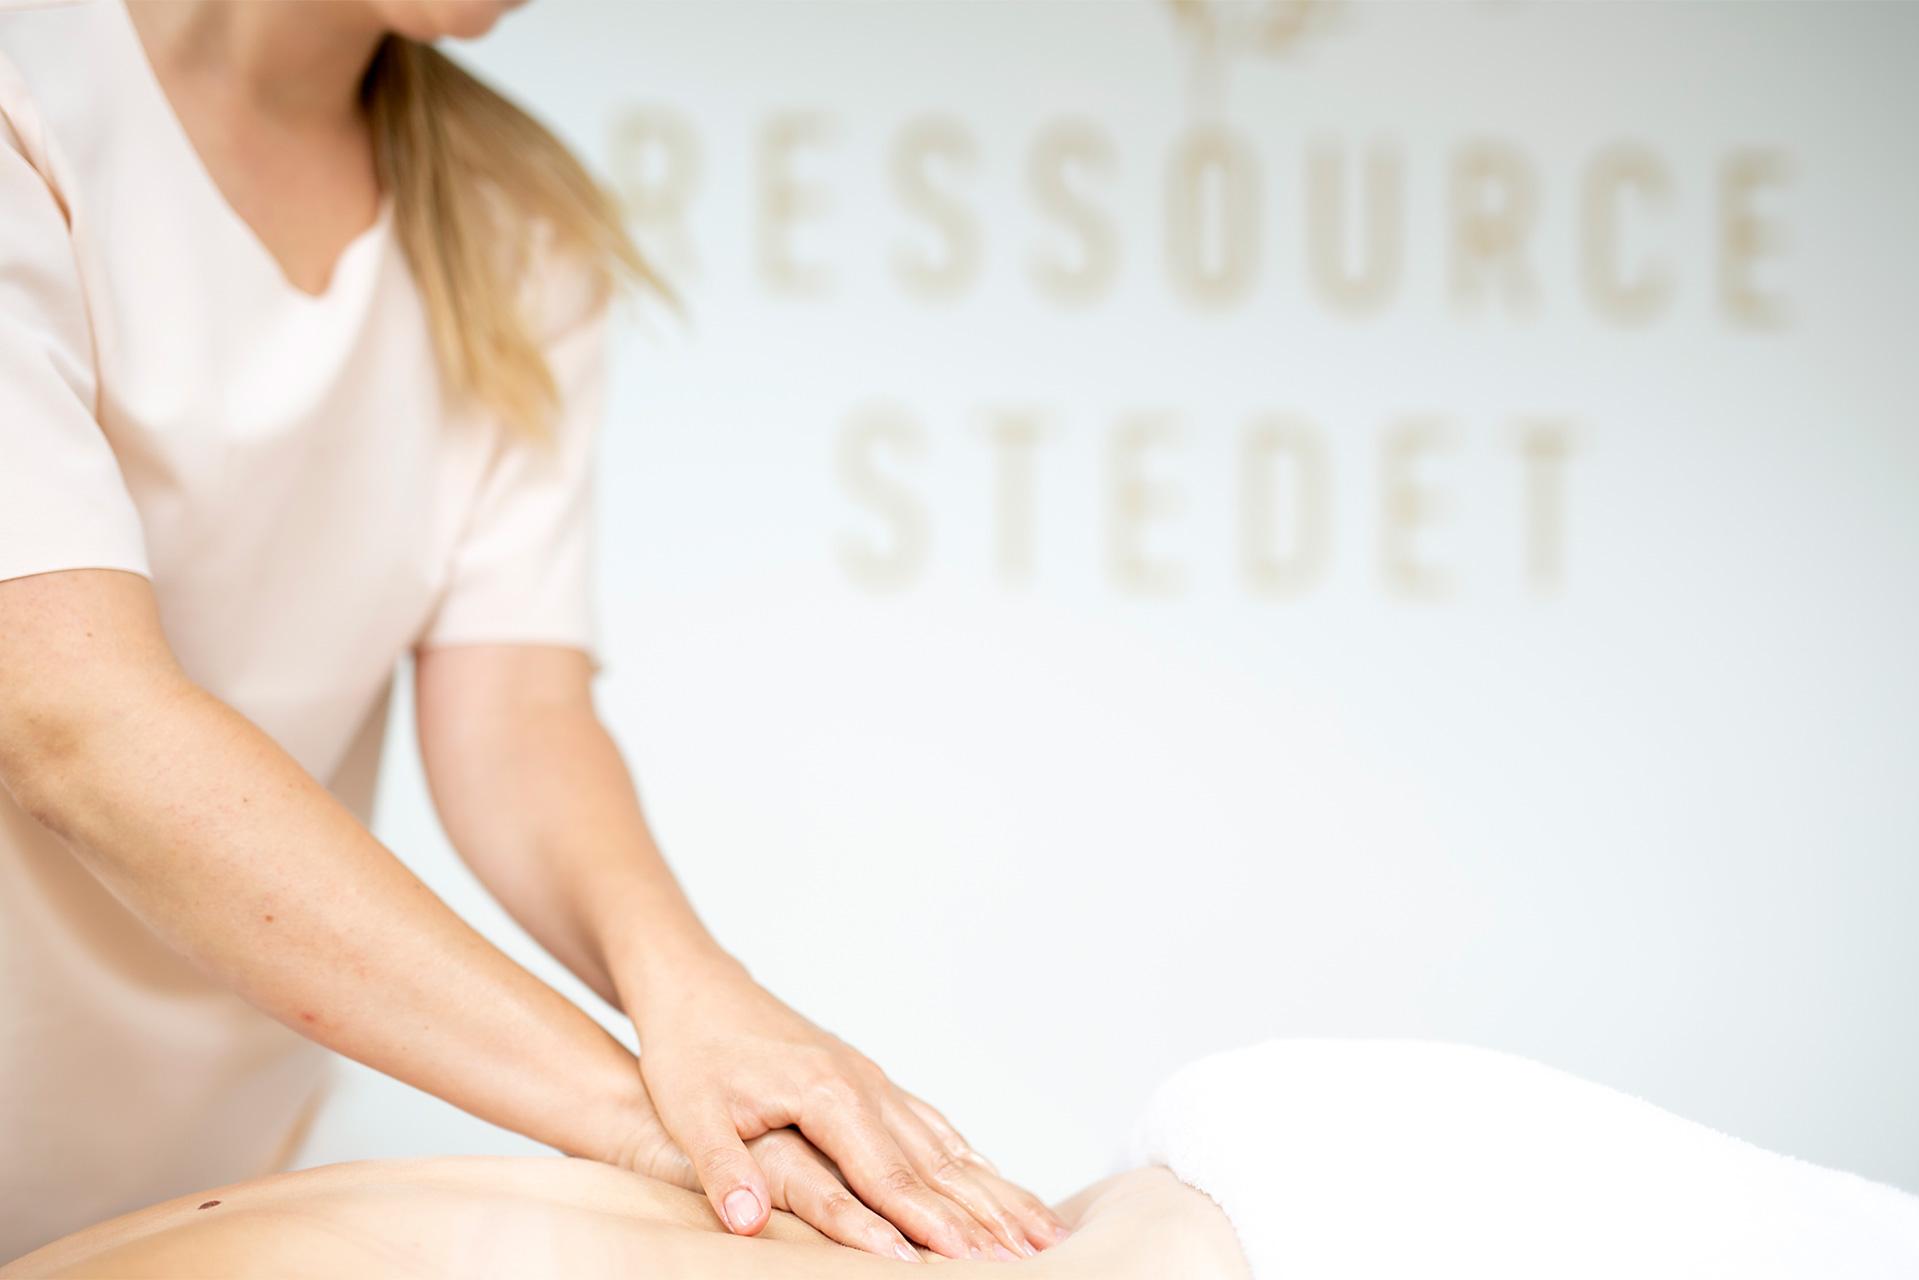 Behandling med massage på lænd